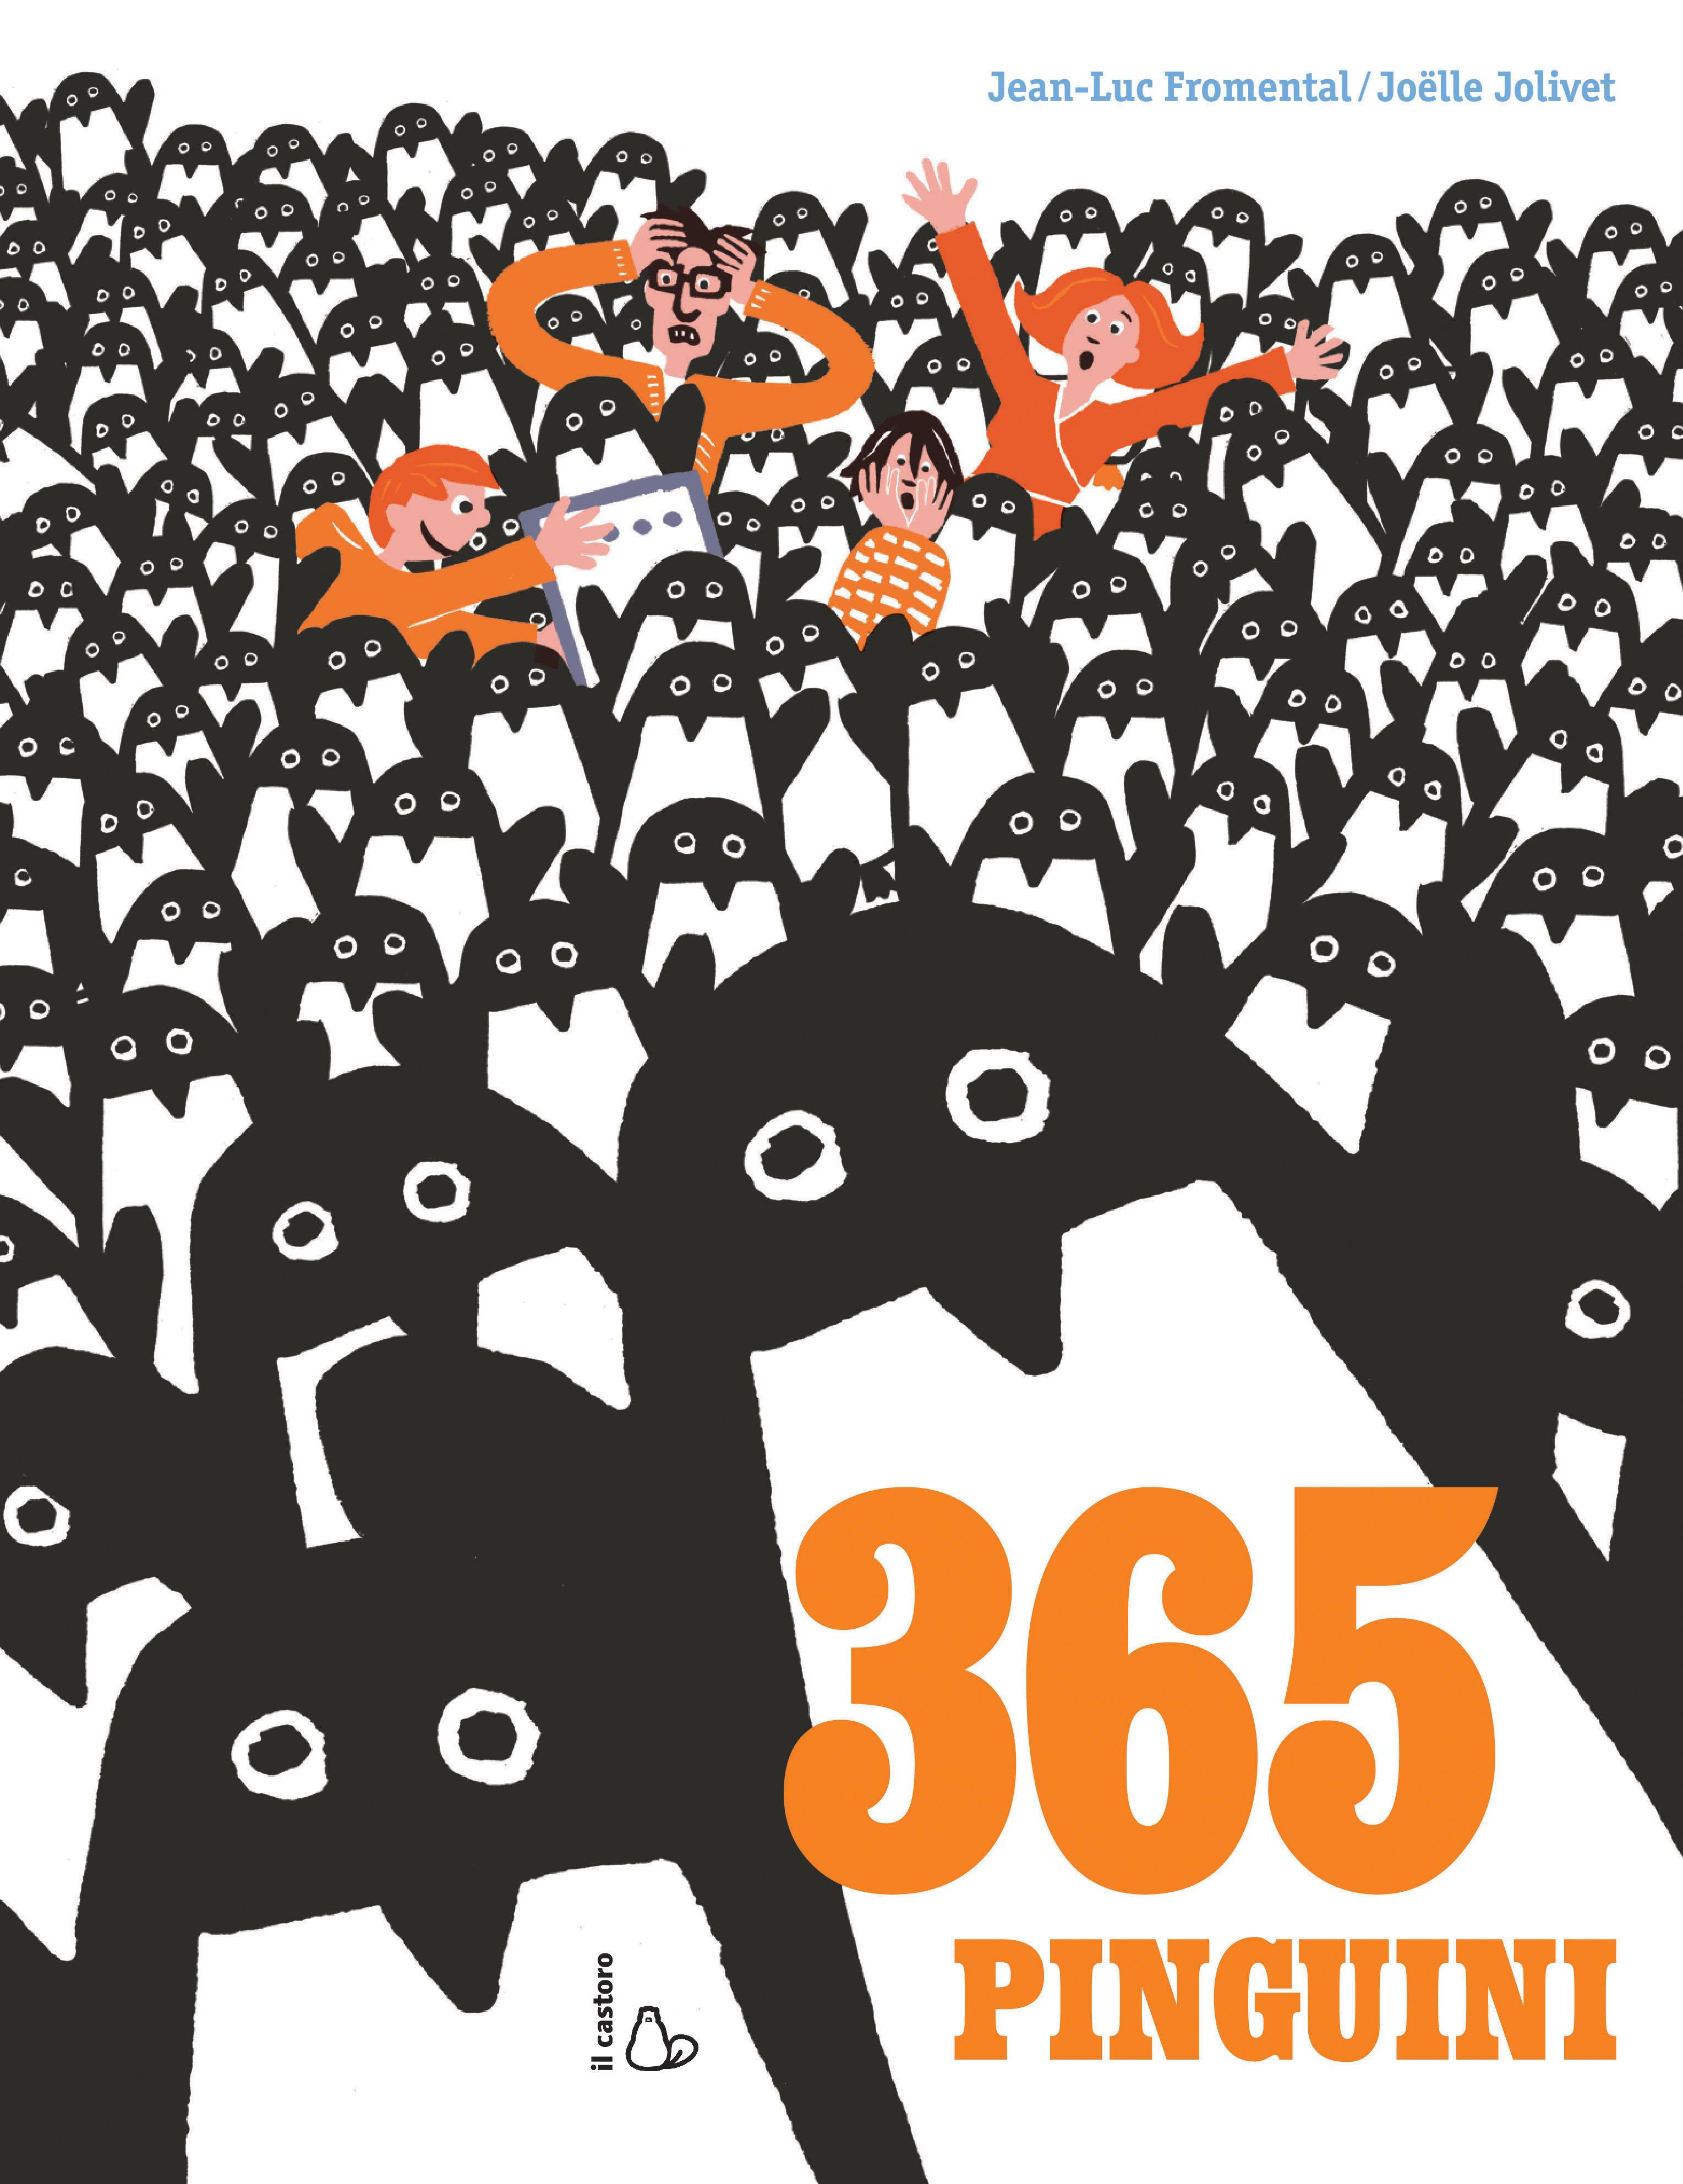 365-pinguini-cover